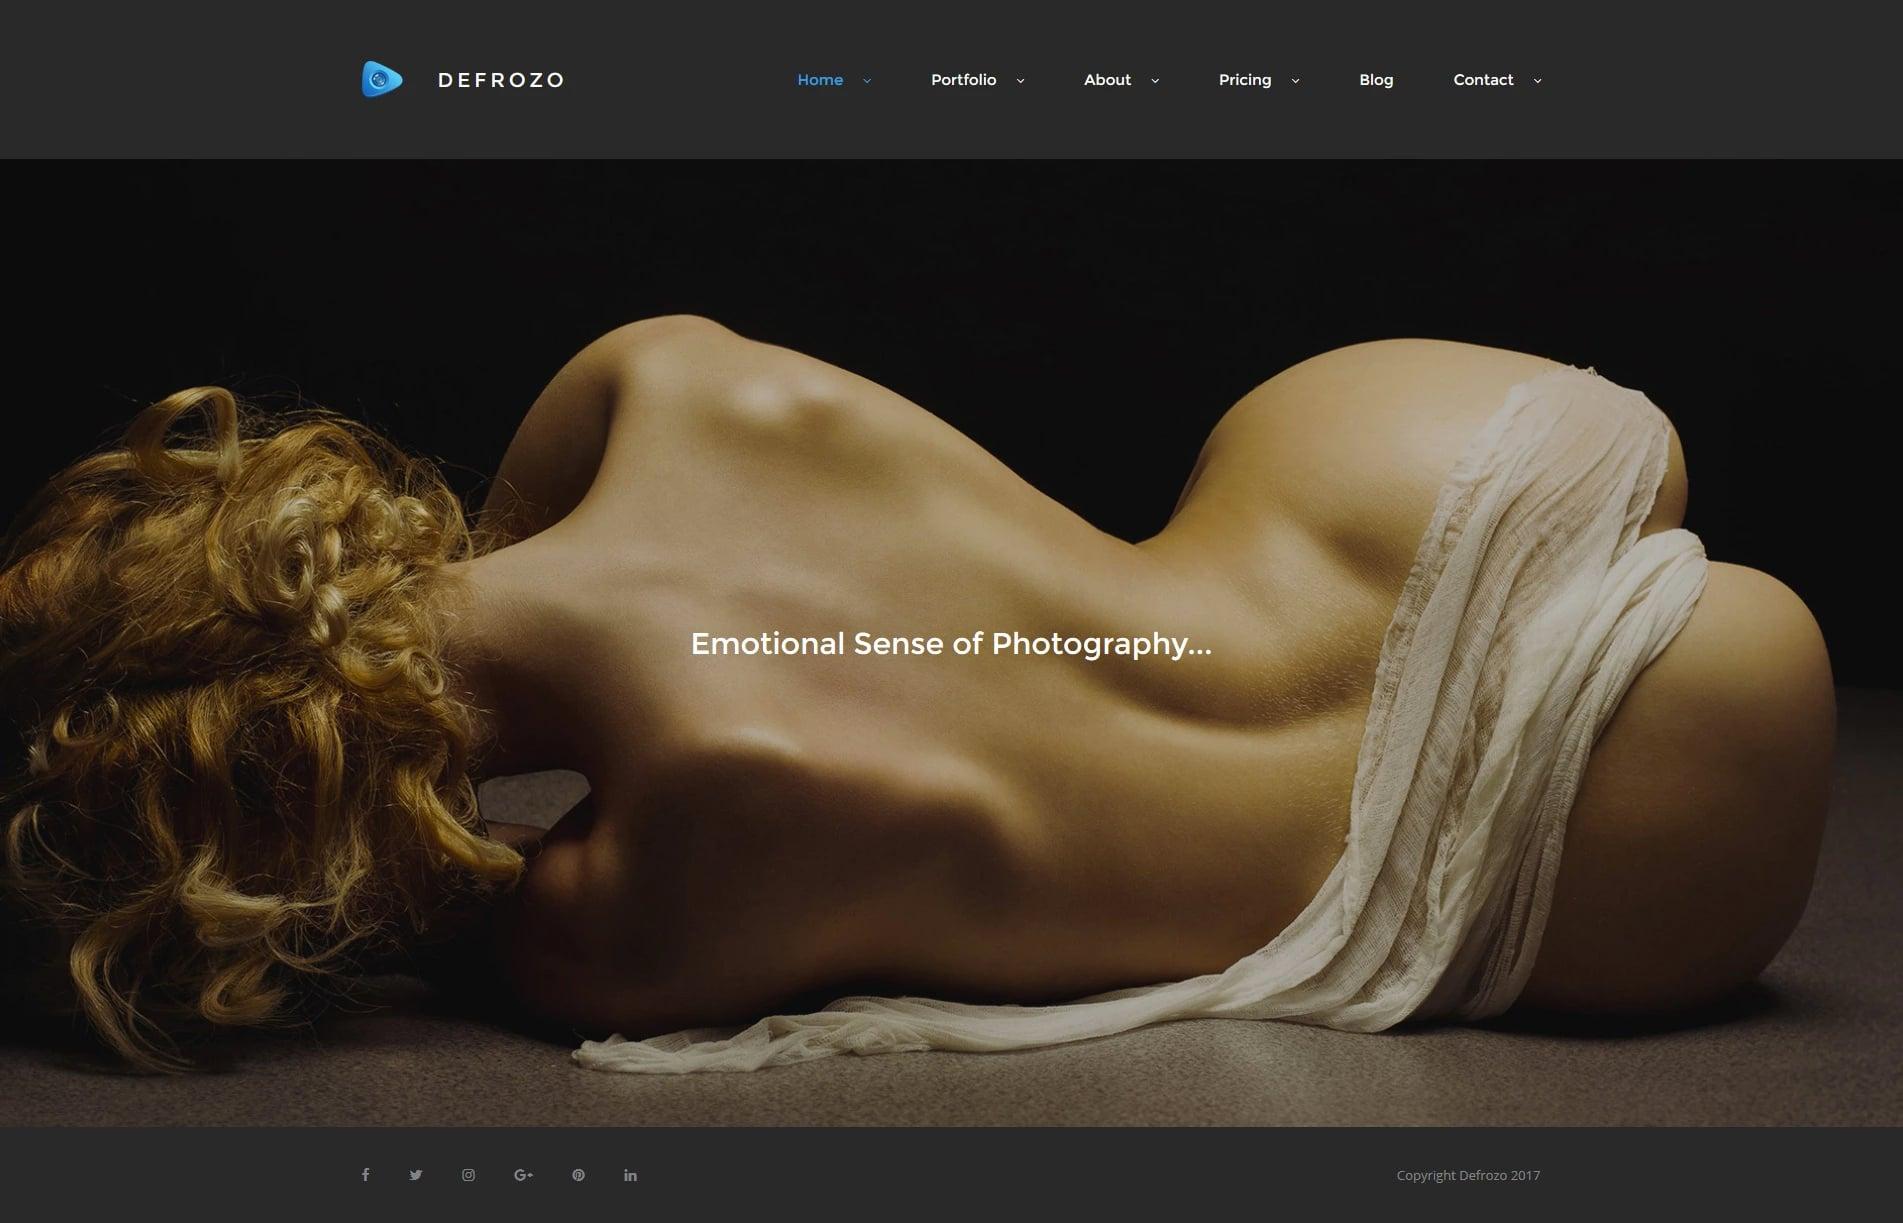 Defrozo Photographer Portfolio Moto CMS 3 Template